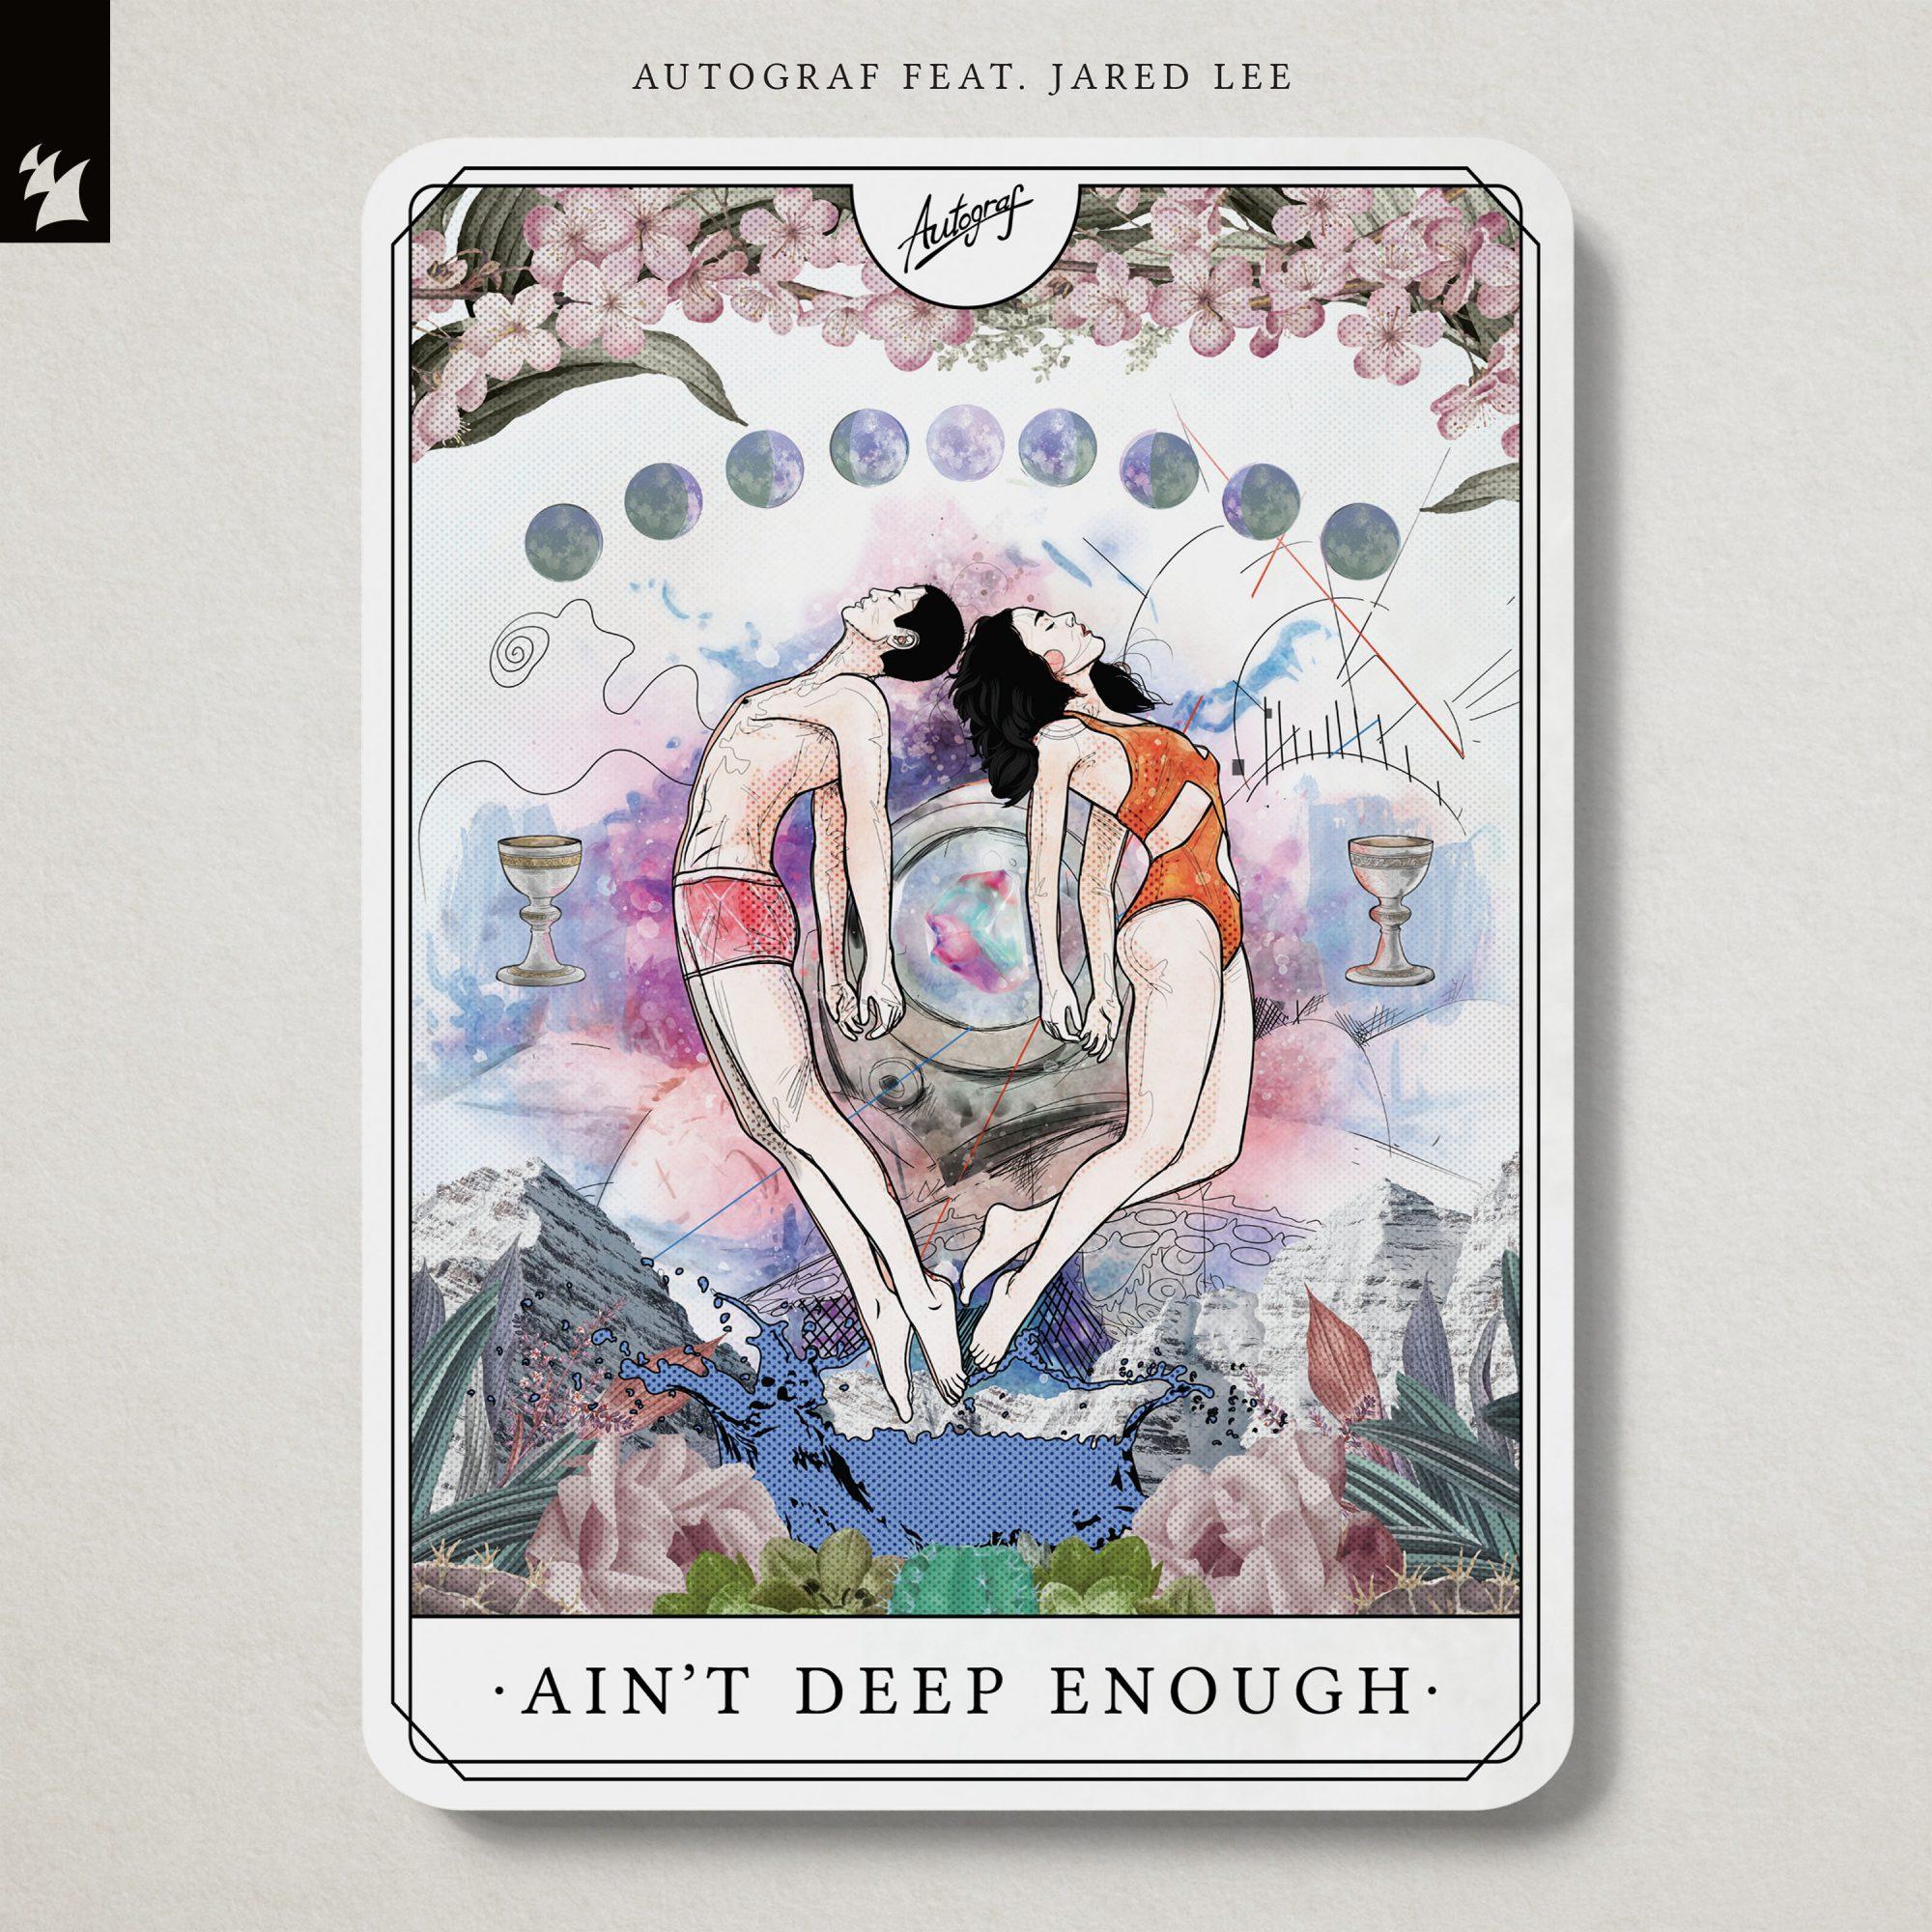 Autograf - Ain't Deep Enough